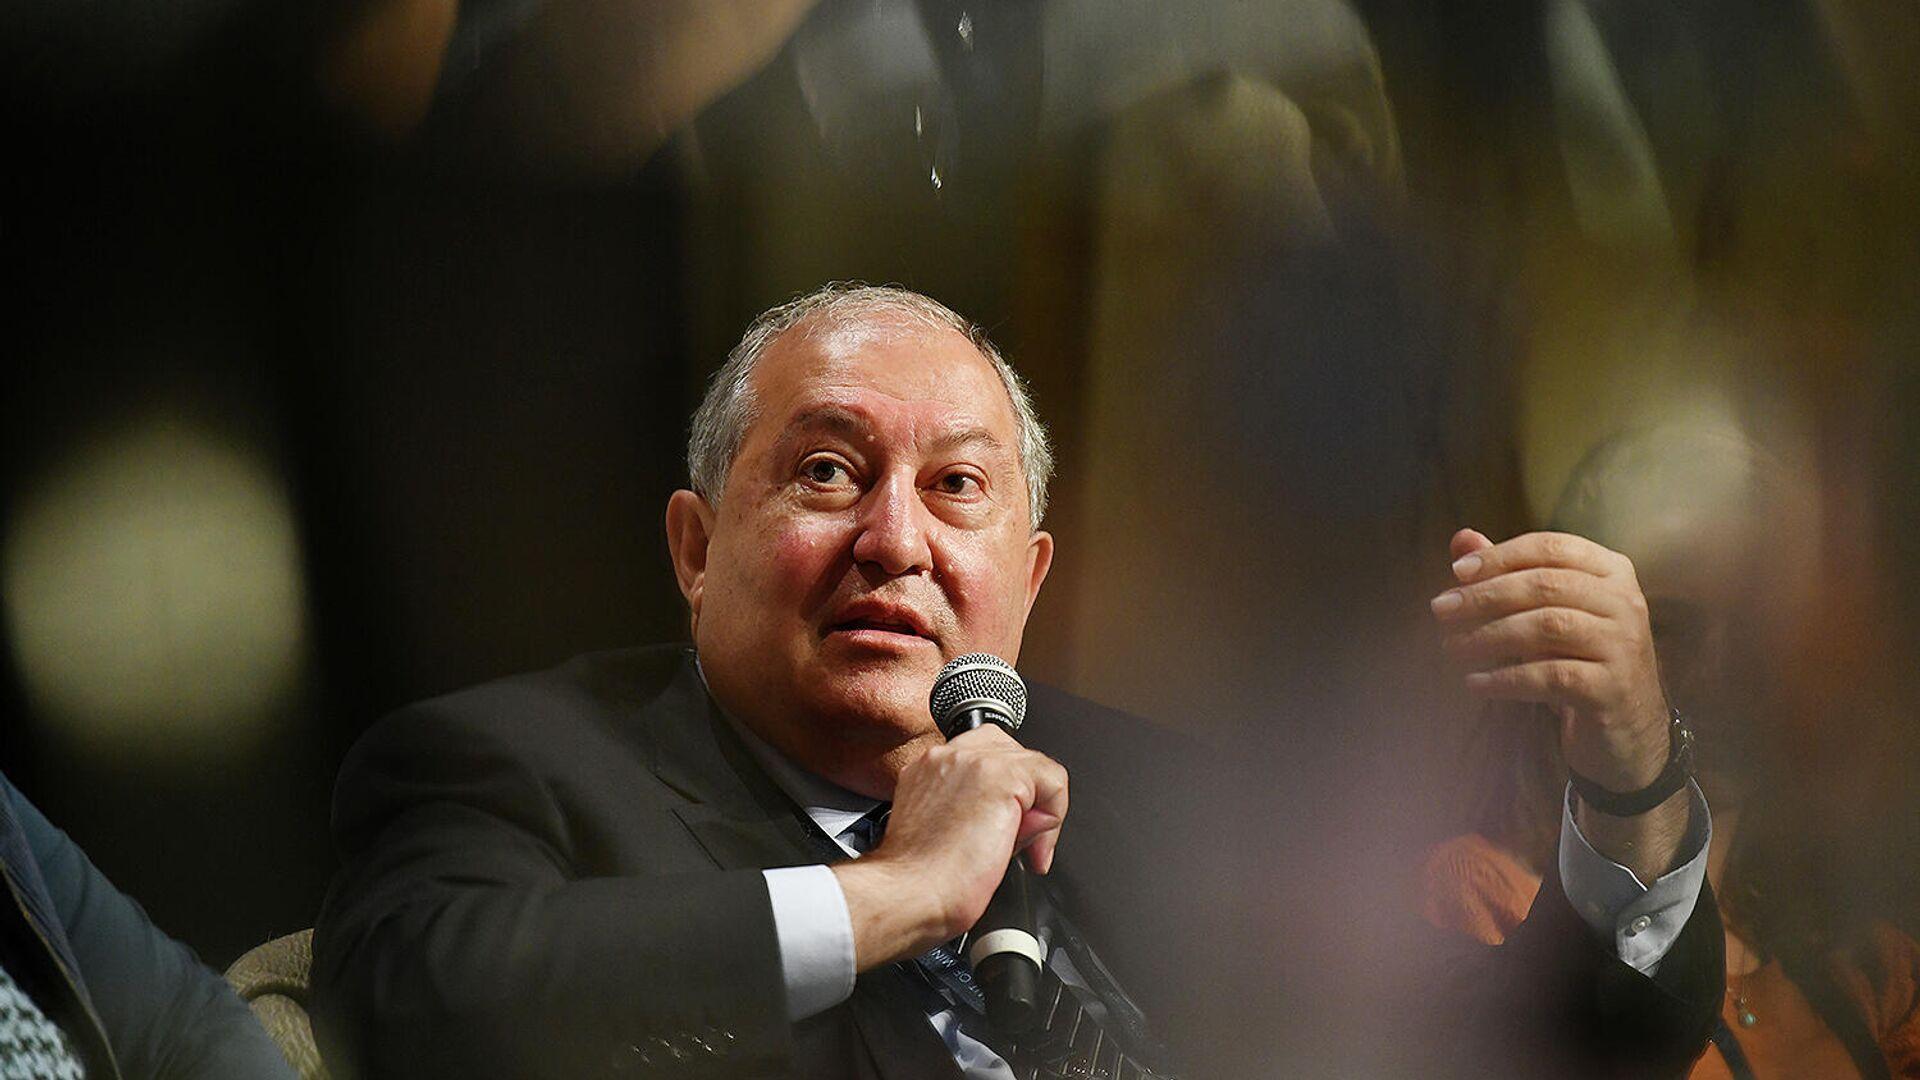 Президент Армен Саркисян принял участие в открытии ежегодного Summit of Minds (17 сентября 2021). Шамони, Франция - Sputnik Армения, 1920, 17.09.2021